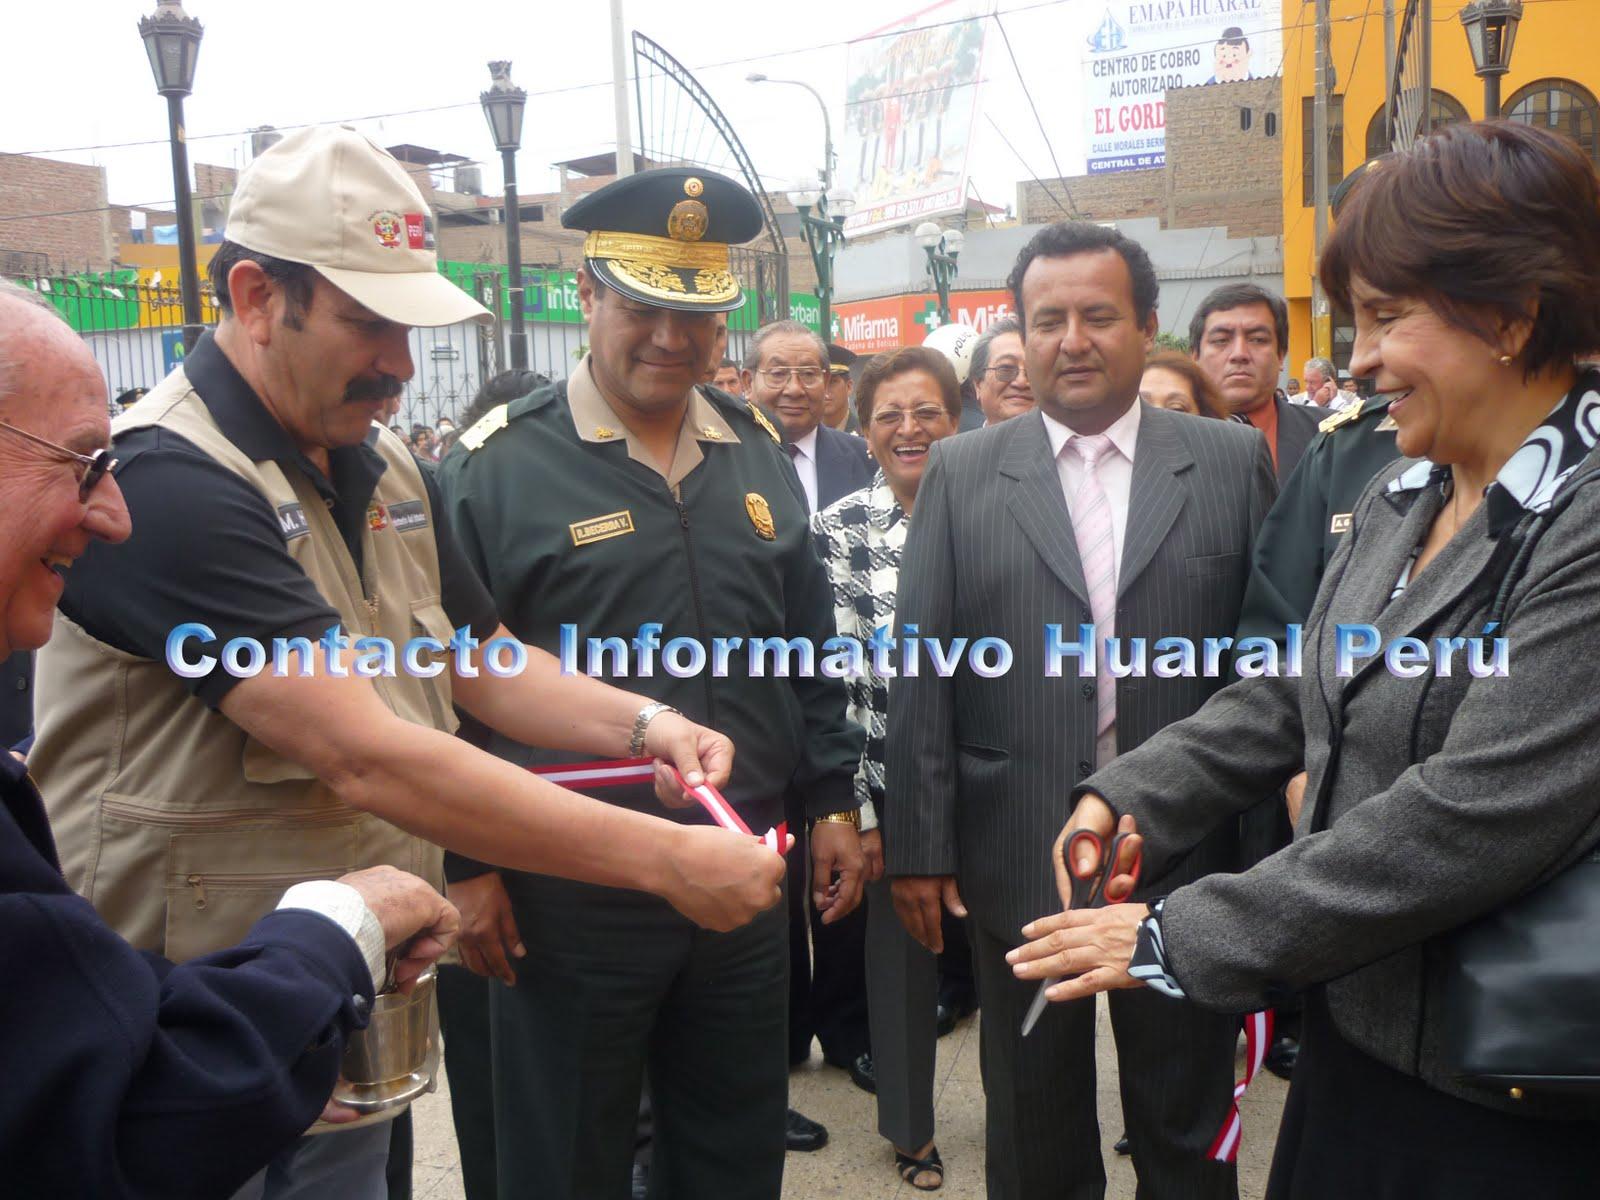 Contacto informativo huaral per ministro del interior for Ministerio del interior comisarias